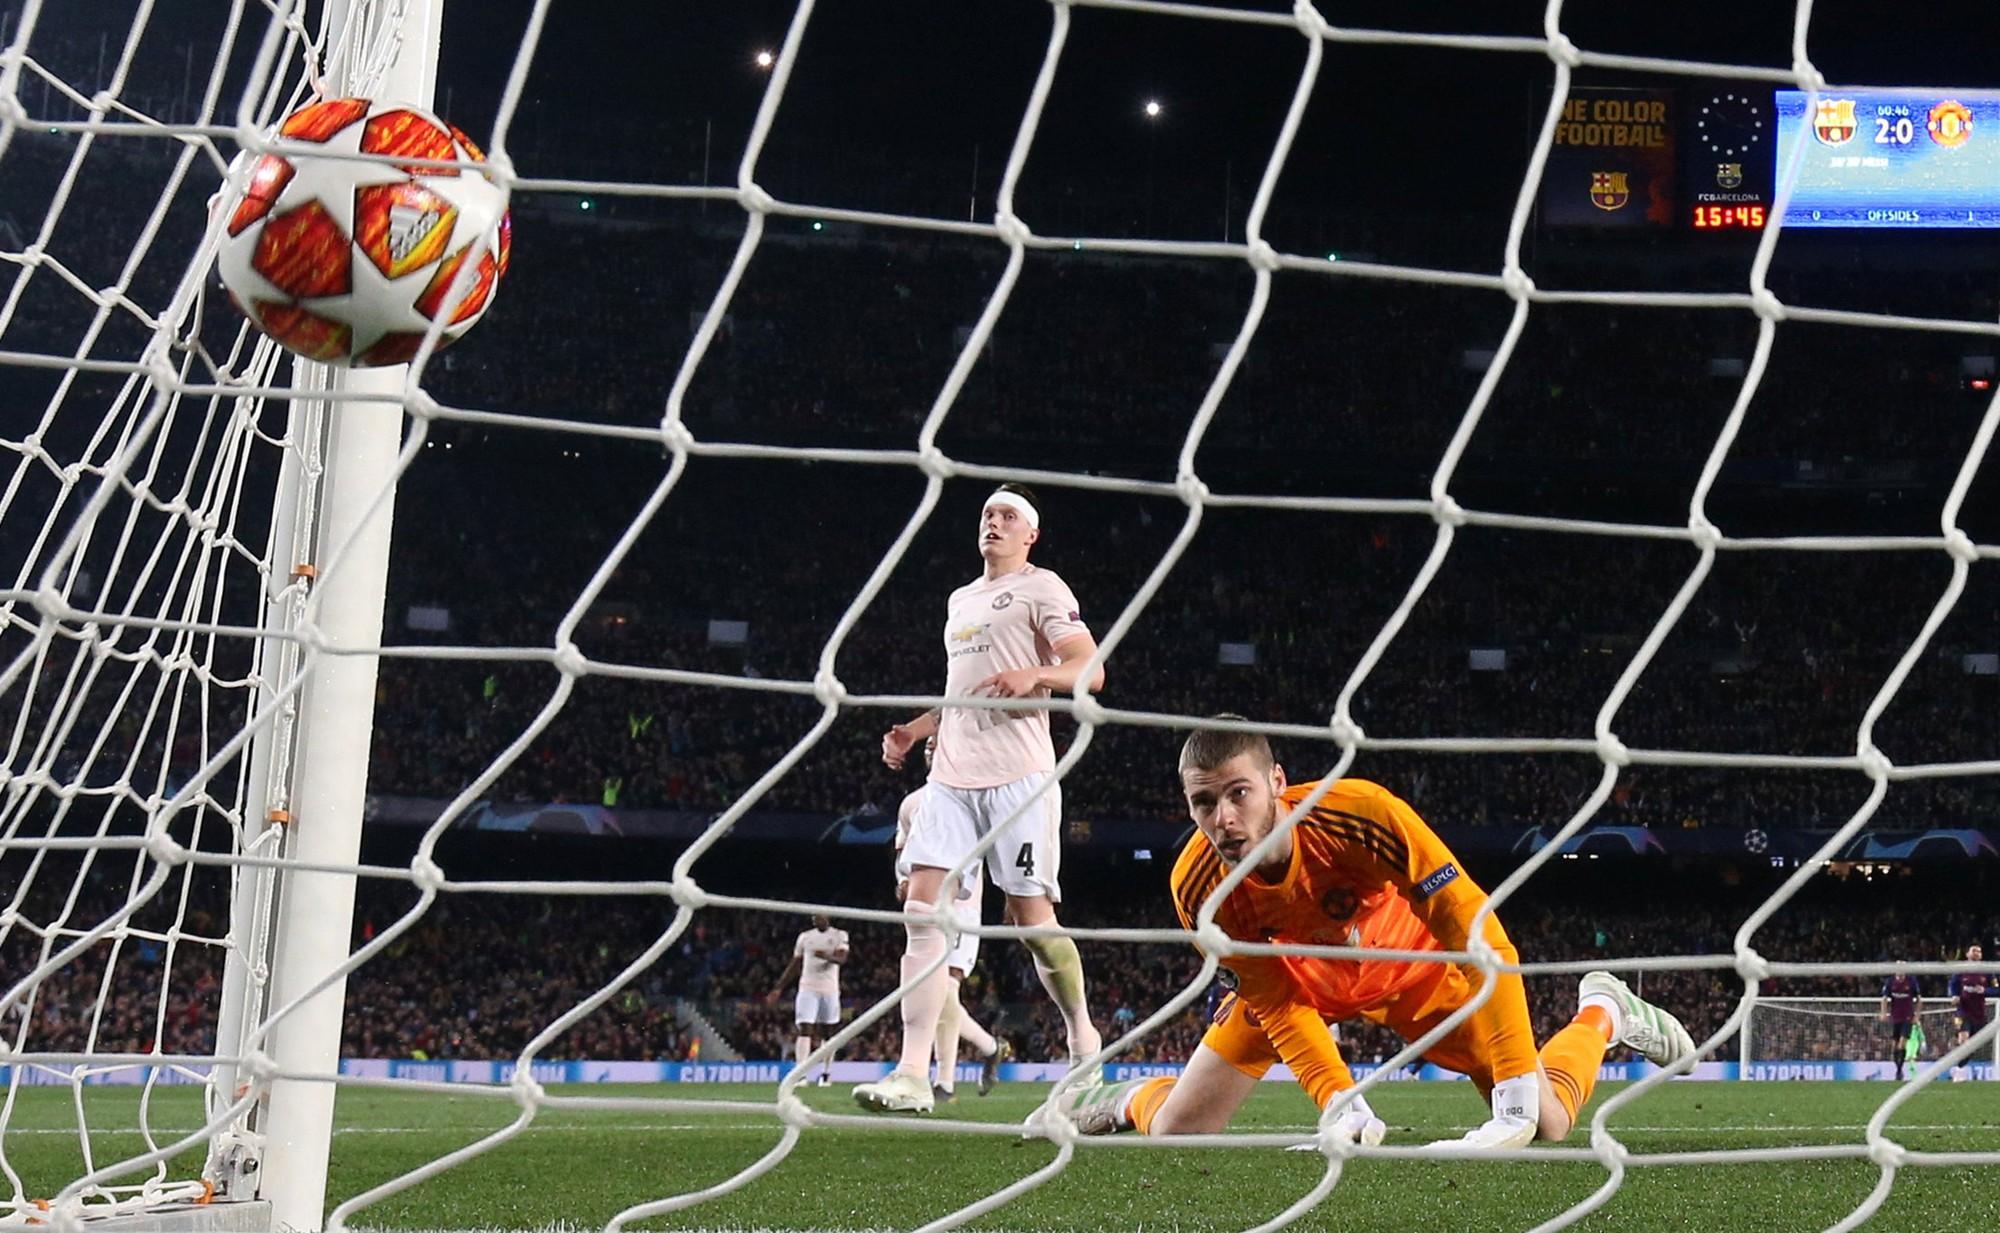 Ở tứ kết lượt về Champions League, Messi 2 lần đánh bại David De Gea với 2 cú sút ngoài vòng cấm - Ảnh: REUTERS